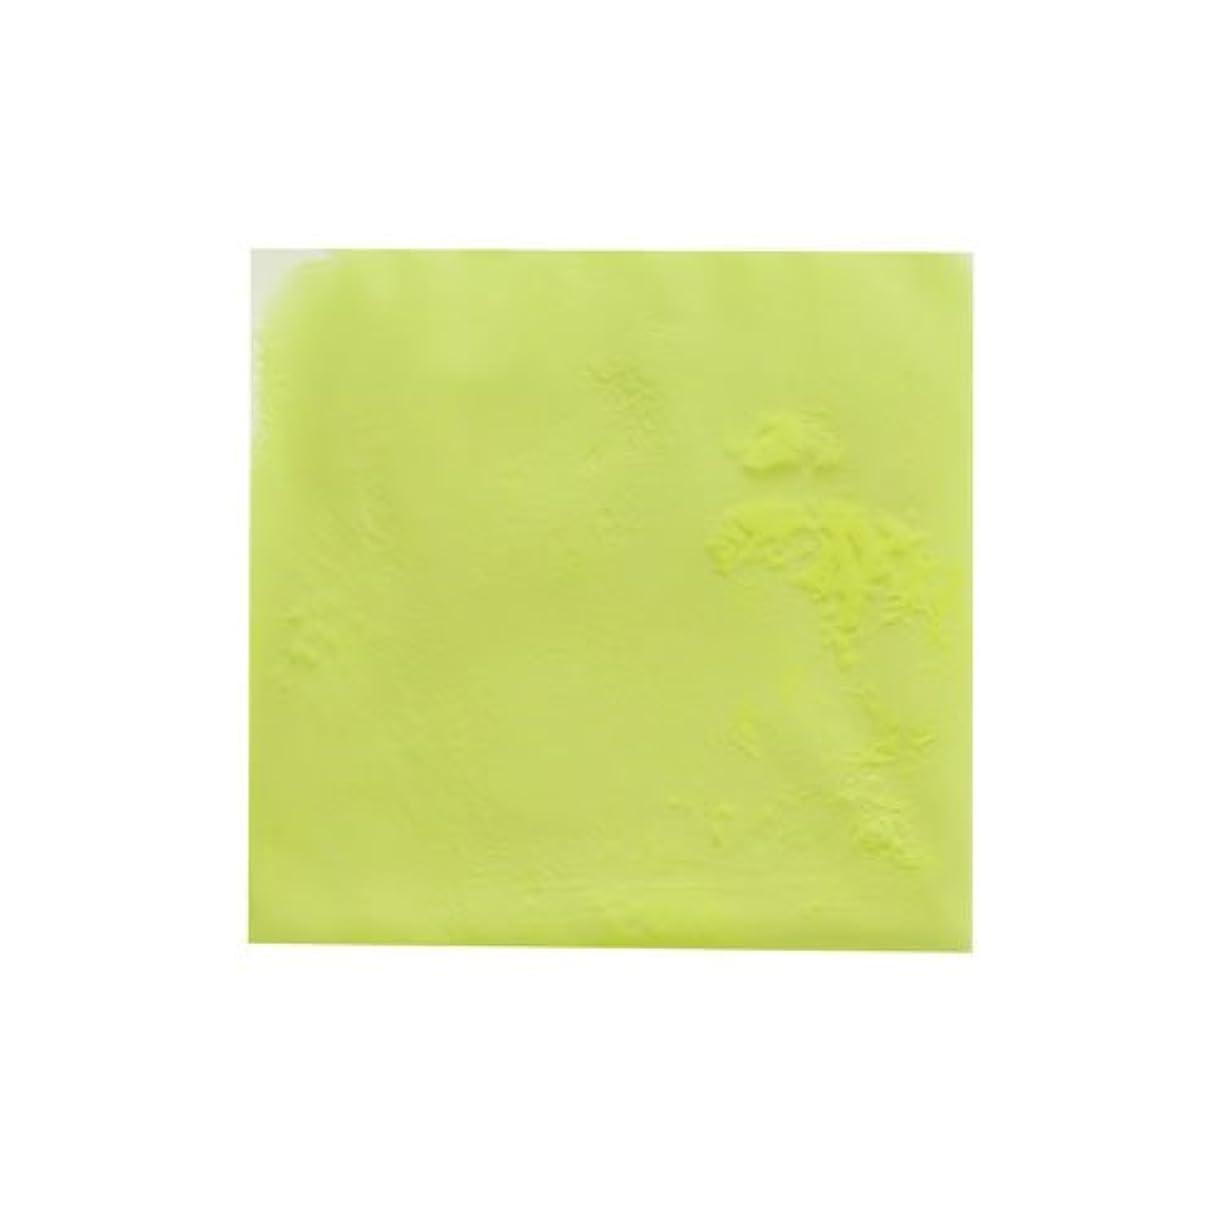 攻撃岸プラスチックピカエース ネイル用パウダー ピカエース 夜光顔料 蓄光性 #105 レモン 3g アート材